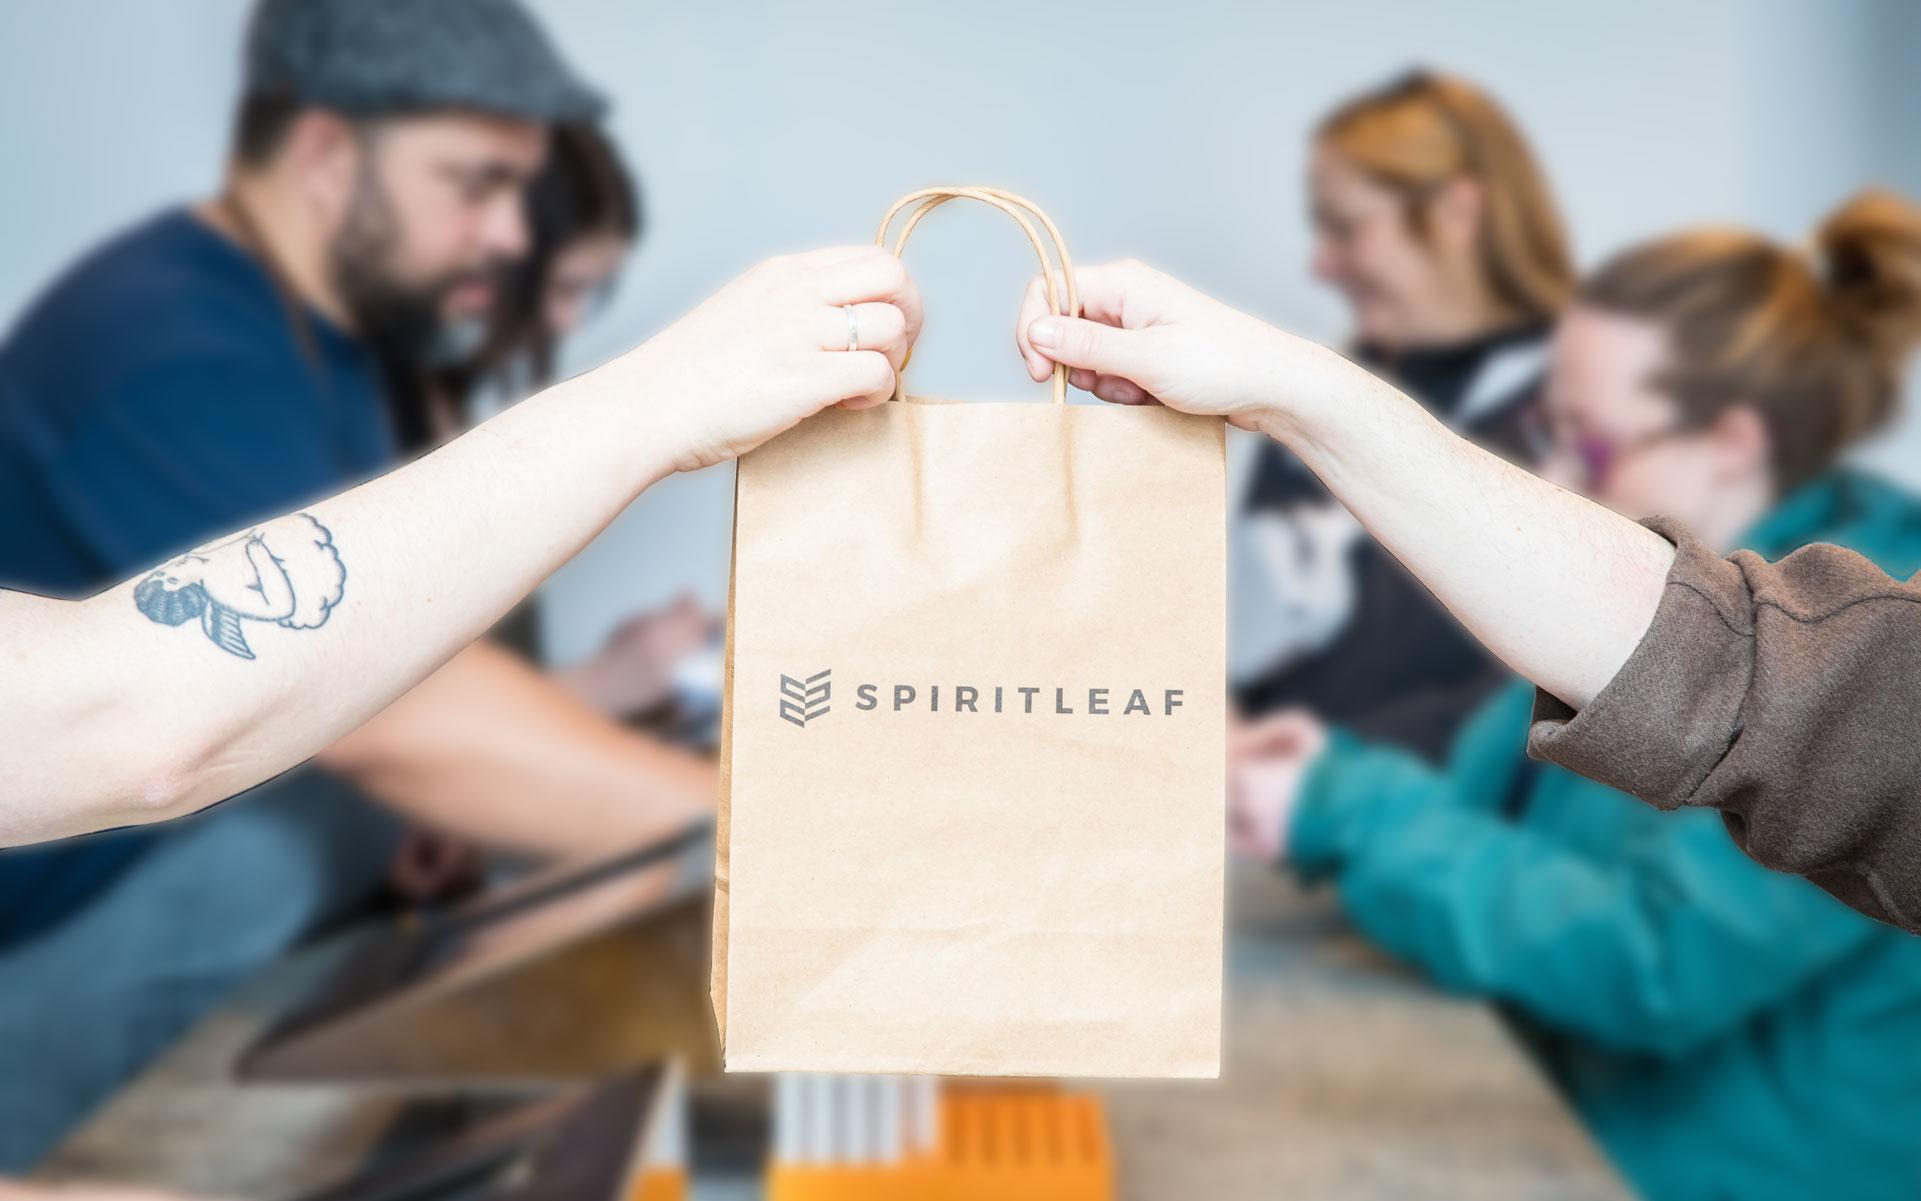 spiritleaf Cannabis Stores